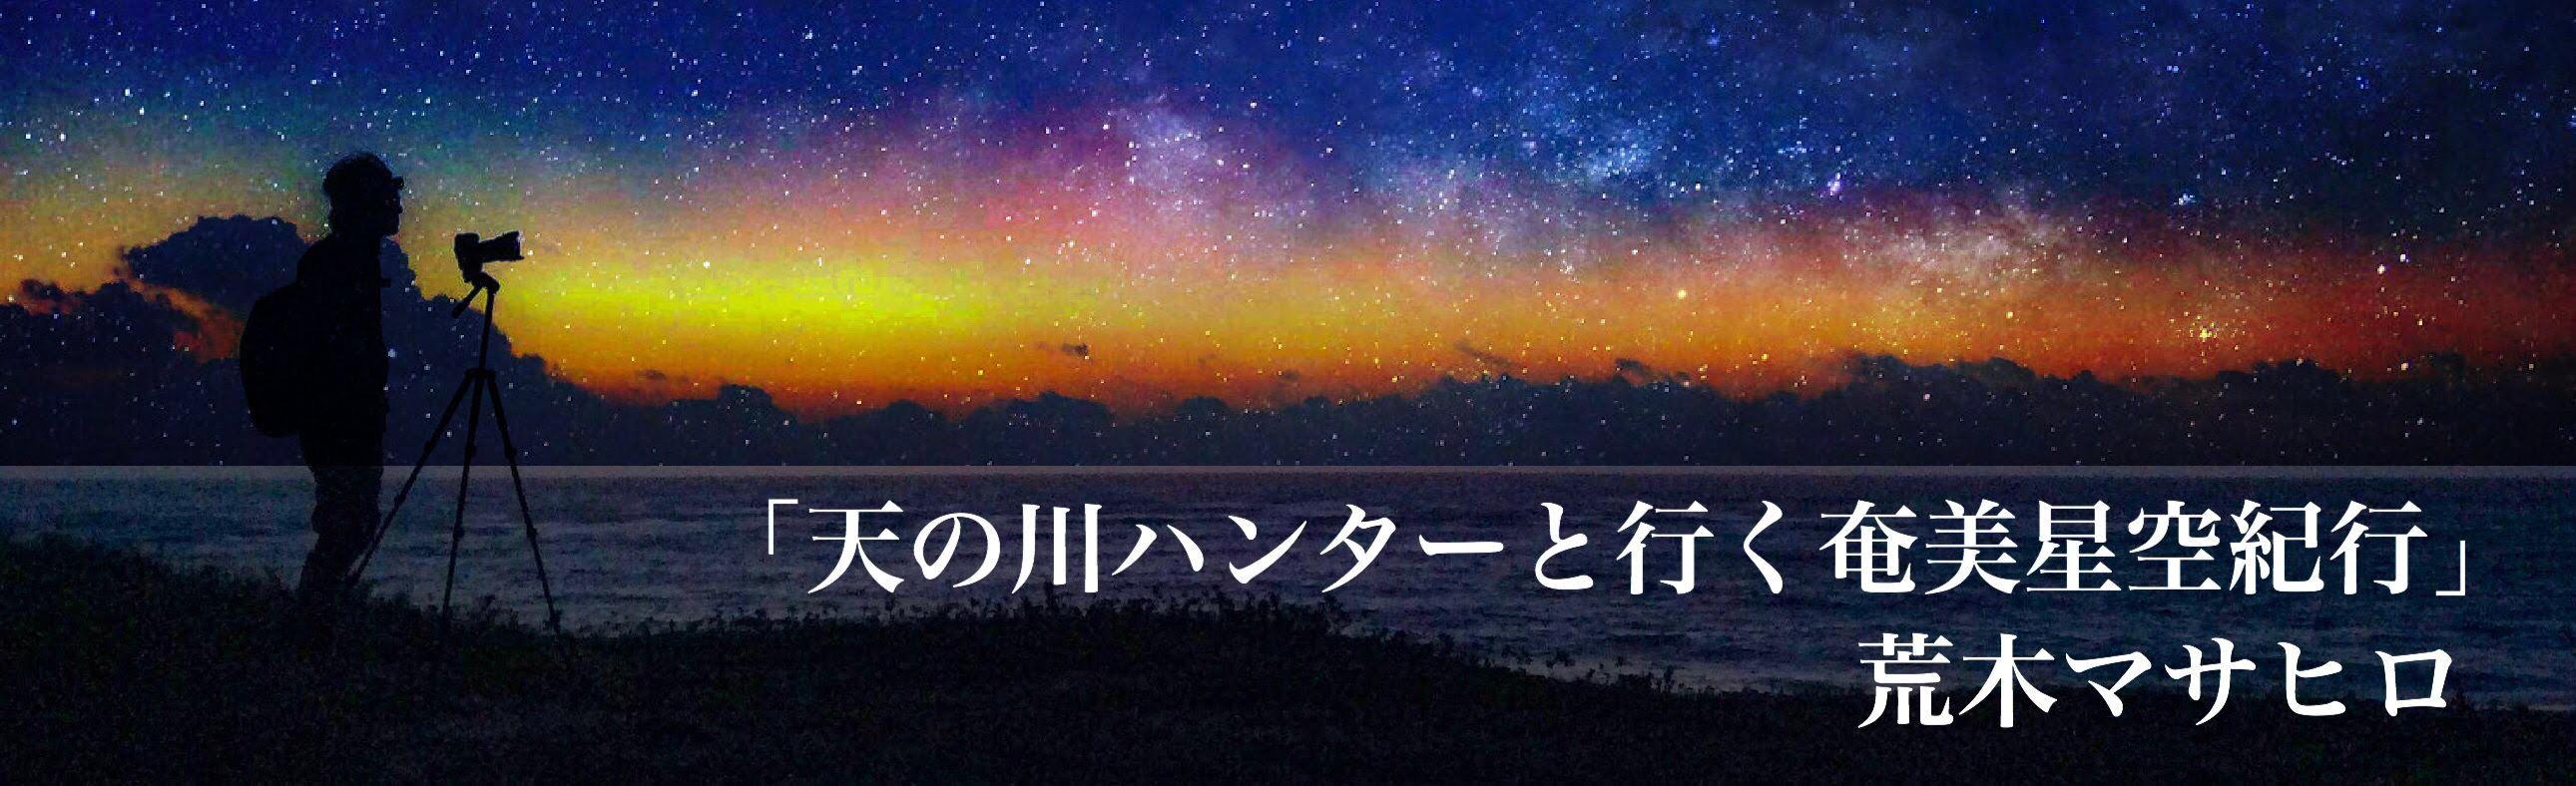 奄美の夕日と星空の写真hosizorakiko